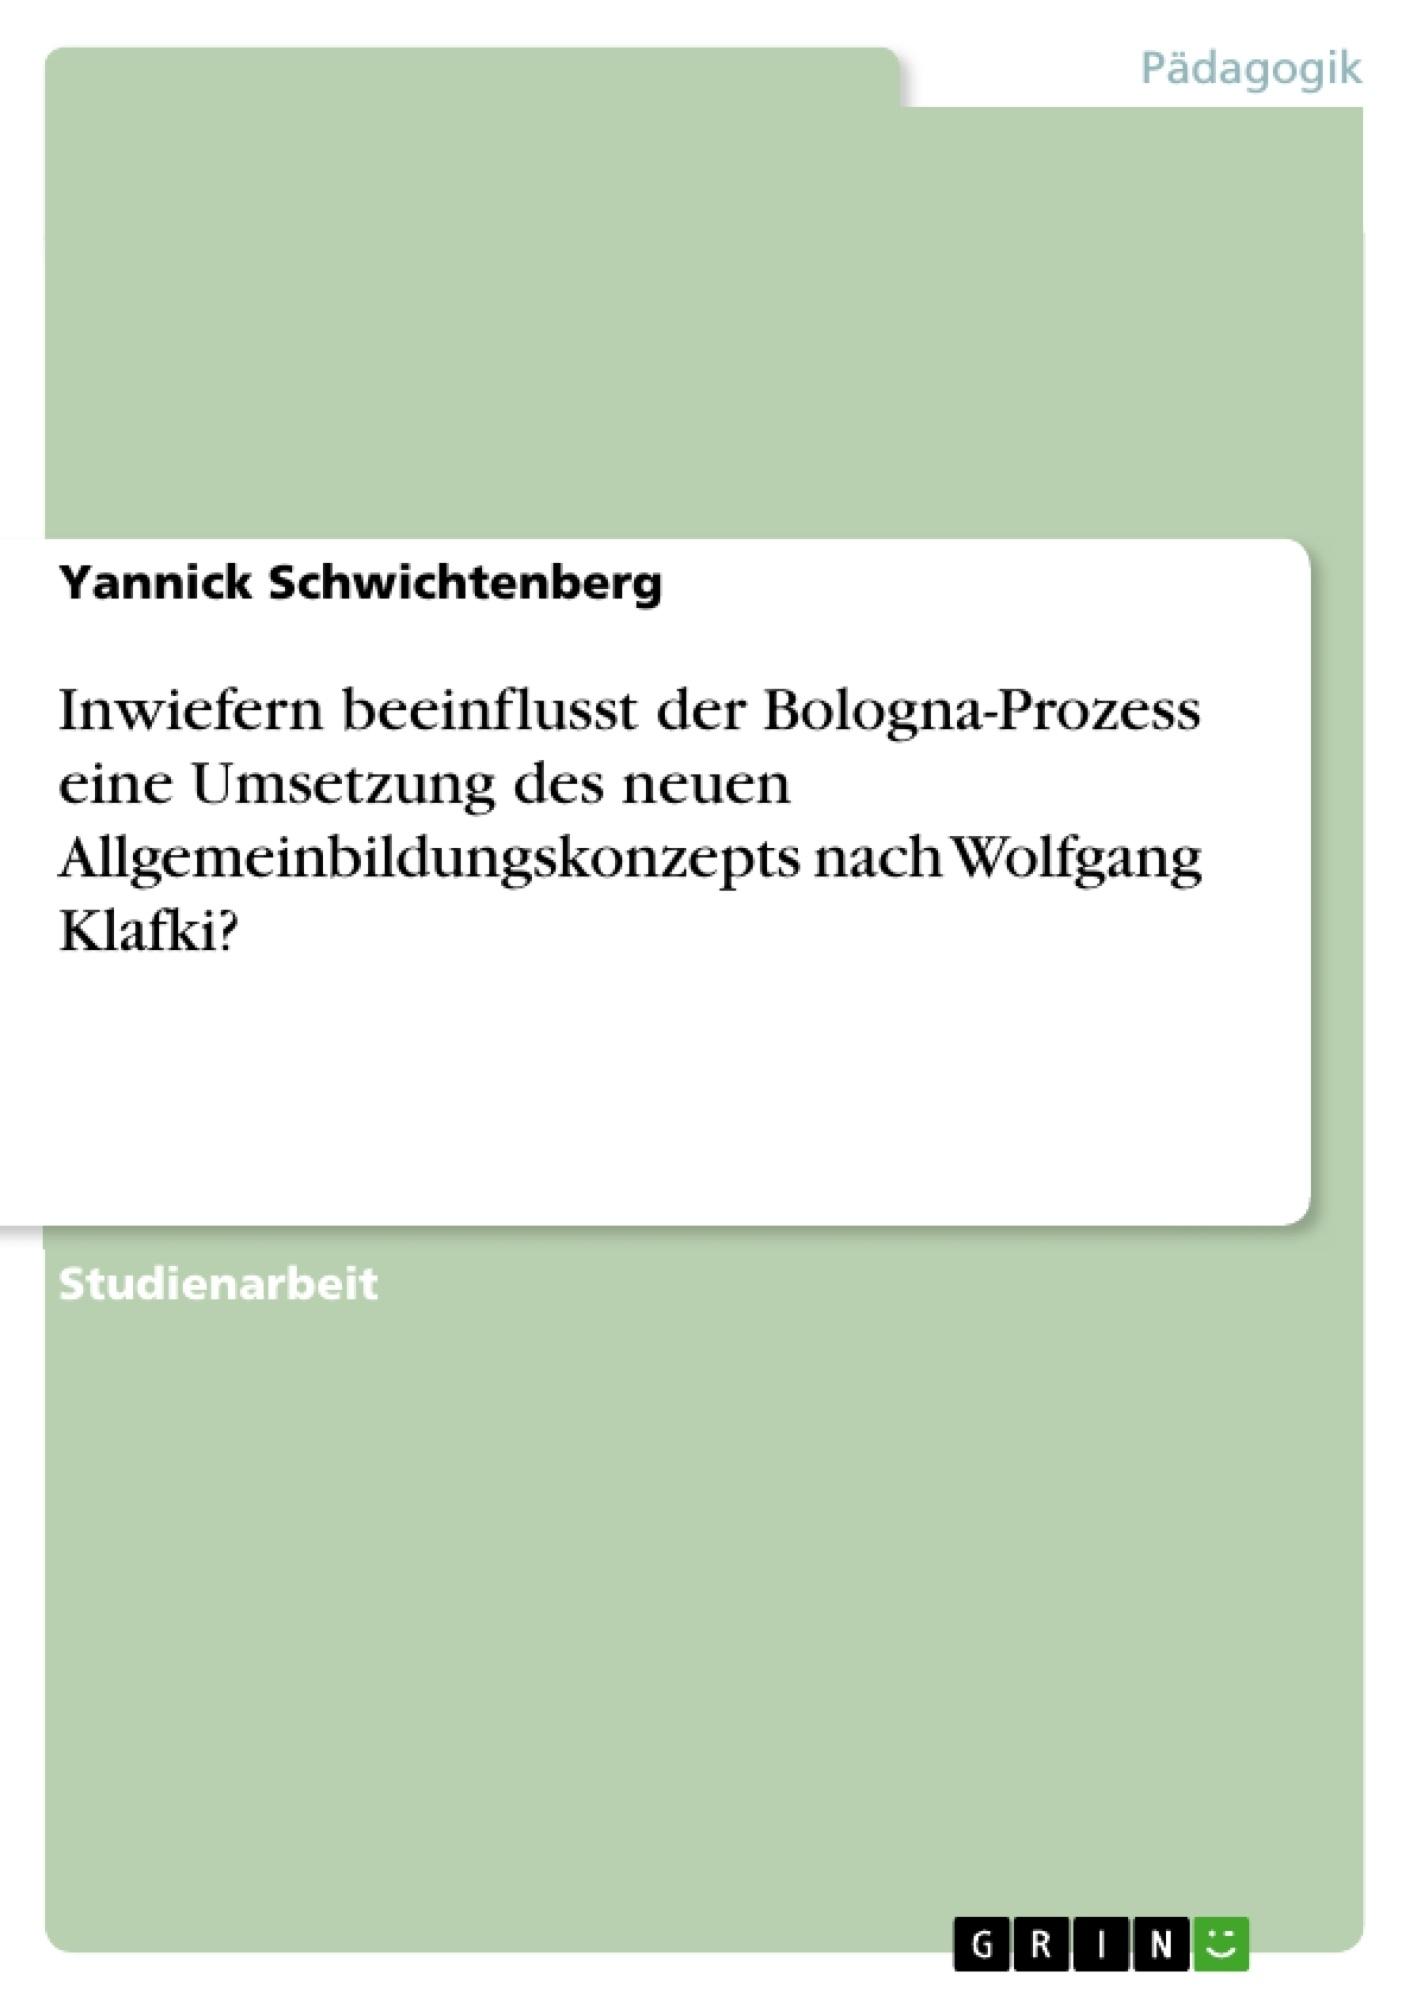 Titel: Inwiefern beeinflusst der Bologna-Prozess eine Umsetzung des neuen Allgemeinbildungskonzepts nach Wolfgang Klafki?